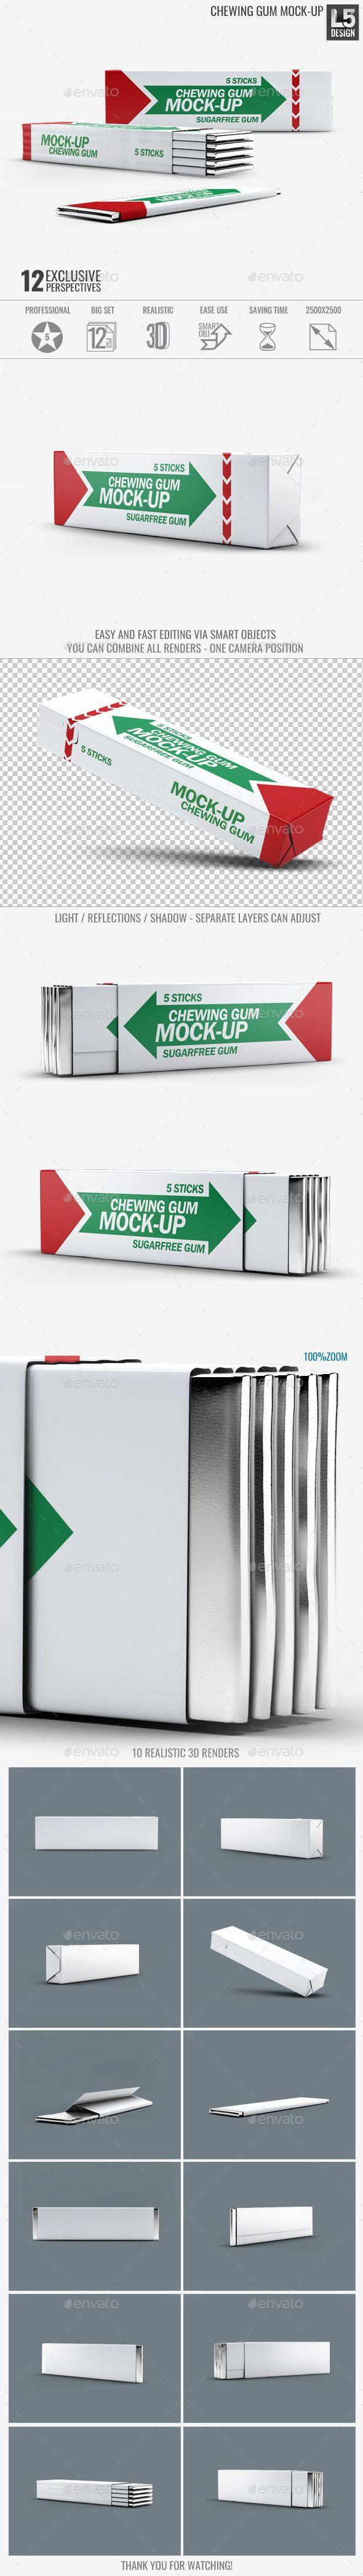 6 poster design photo mockups 57079 - Chewing Gum Mock Up V 2